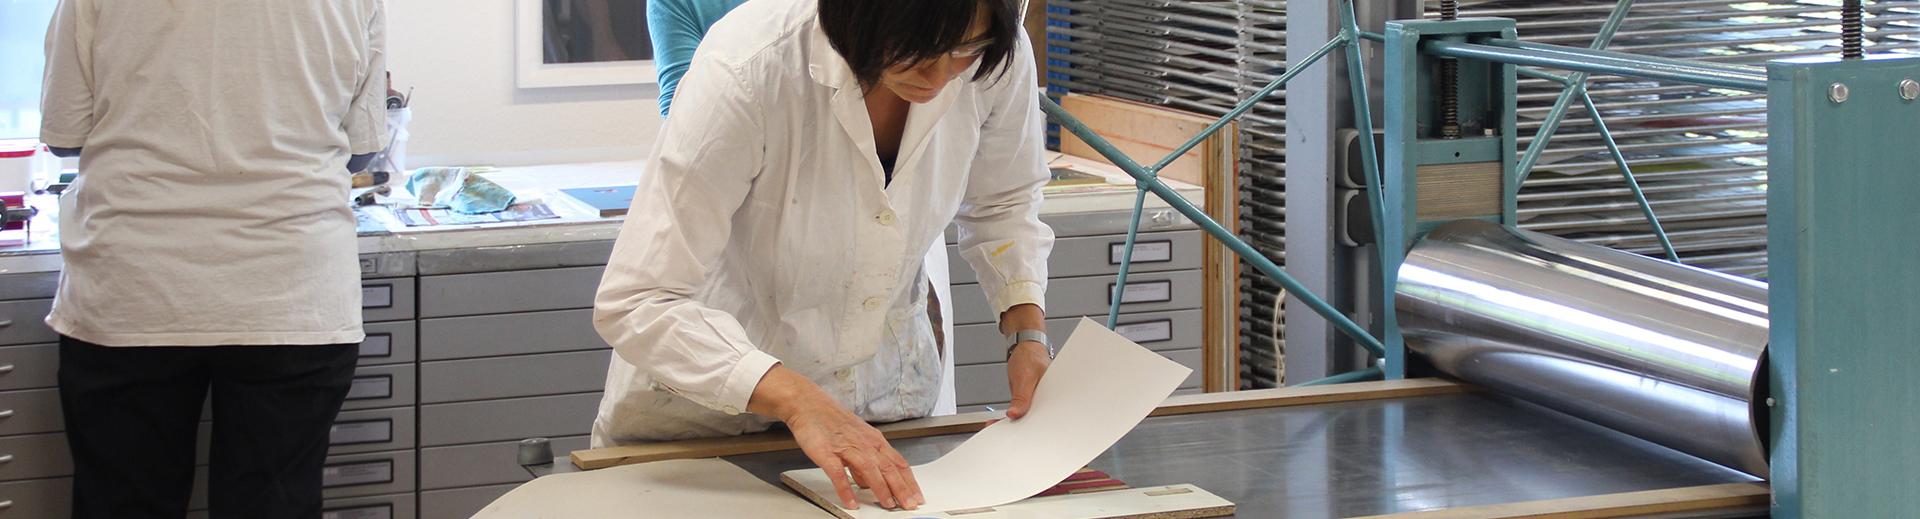 Workshops | Atelier Sauer Ibbenbüren | Kursteilnehmerin beim Drucken